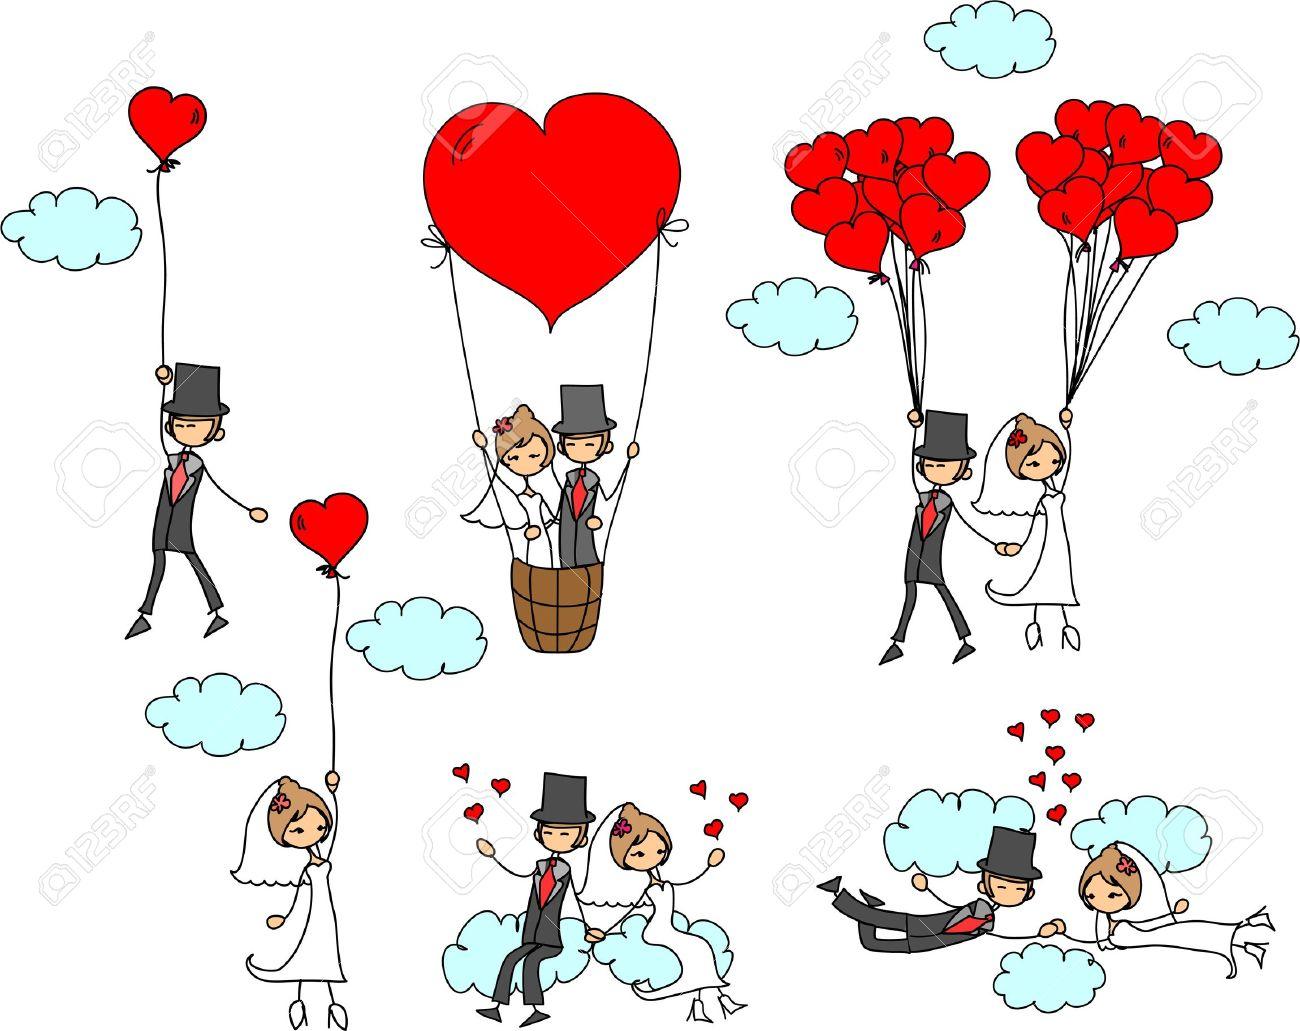 banque dimages photos de mariage de dessin anim - Dessin Mariage